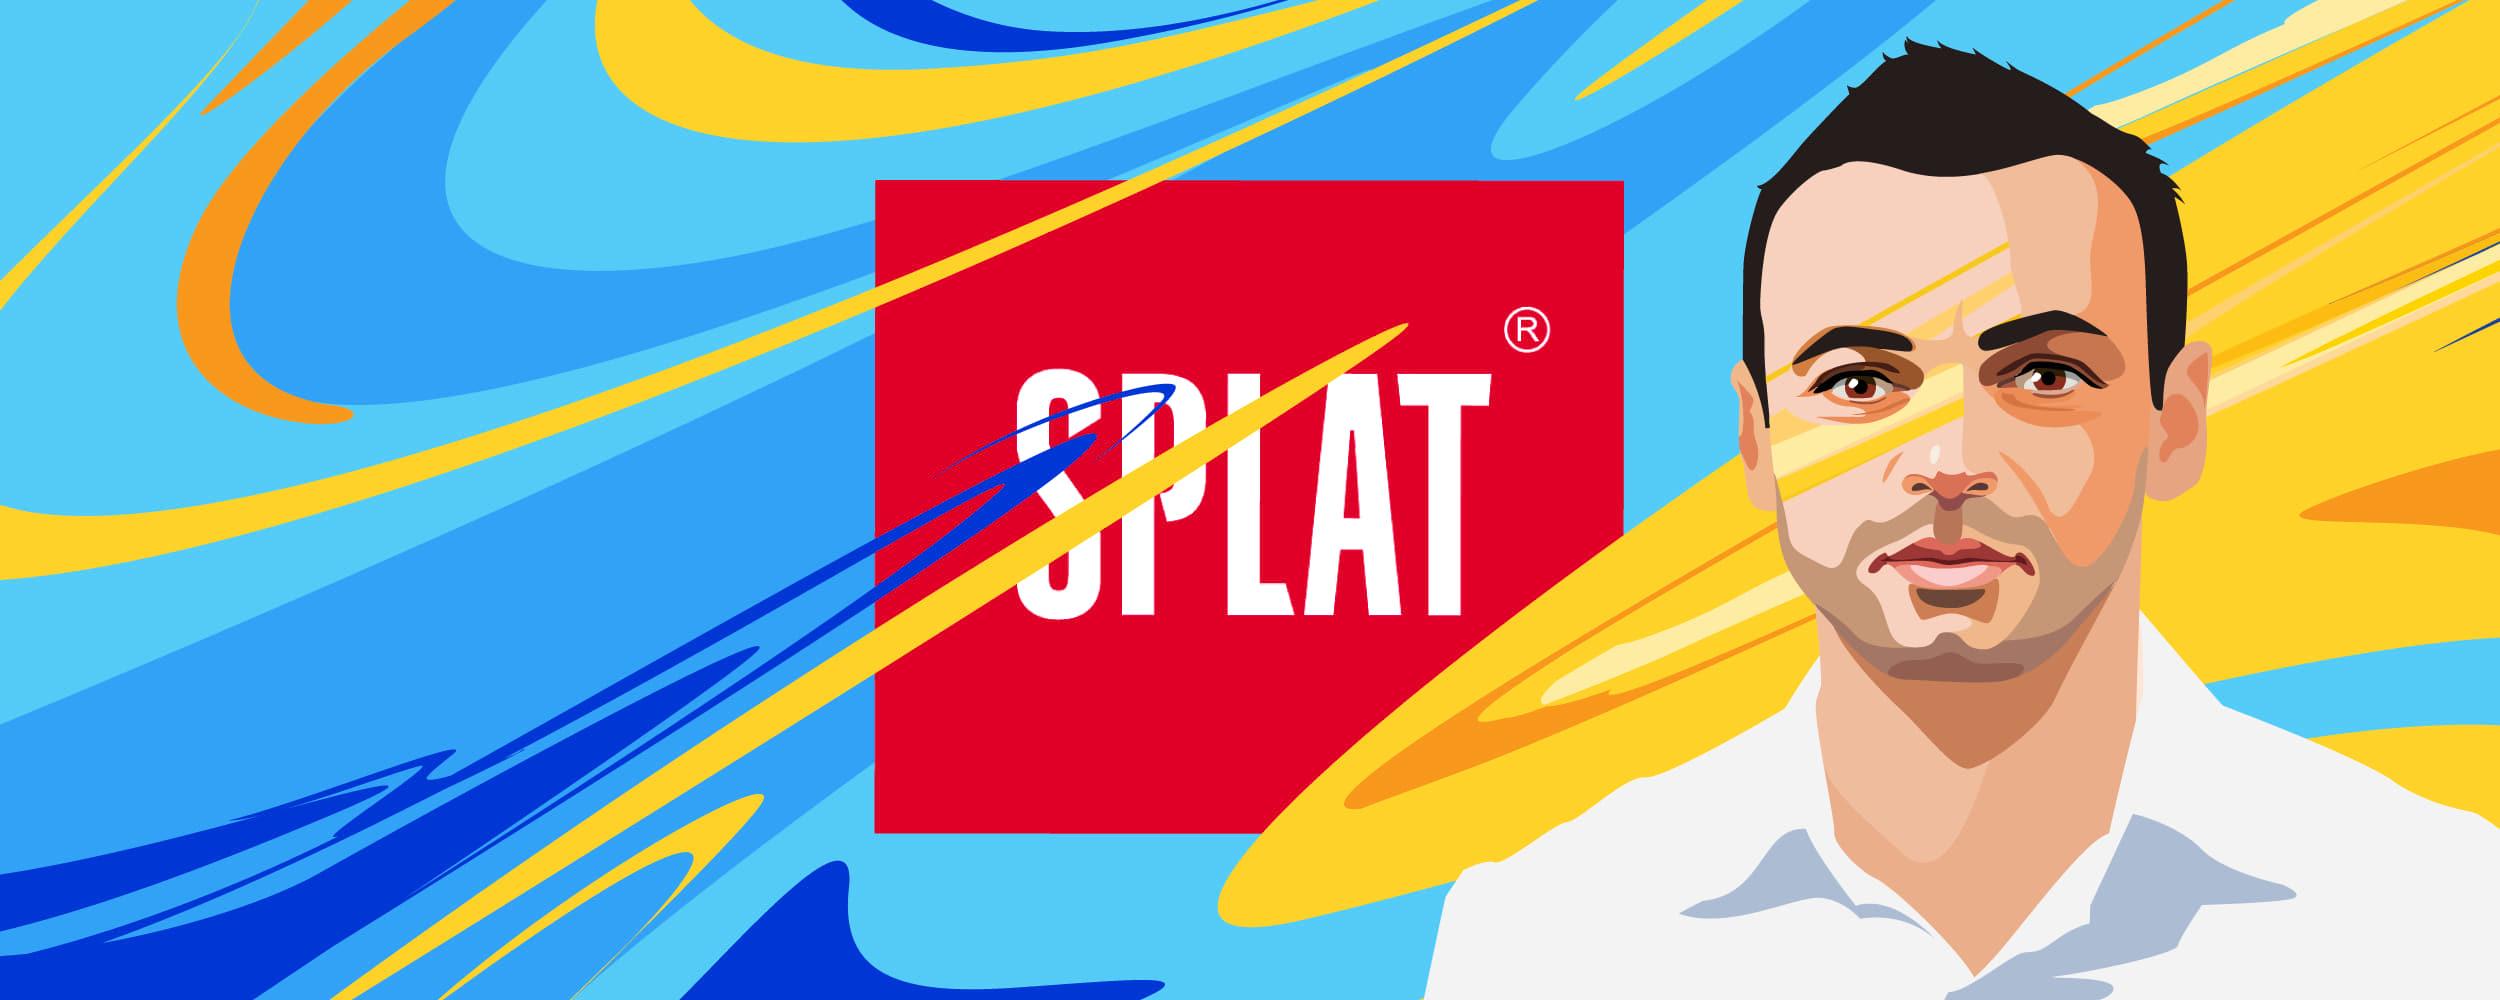 Гендиректор Splat о москвичах, барьерах и женщинах в бизнесе